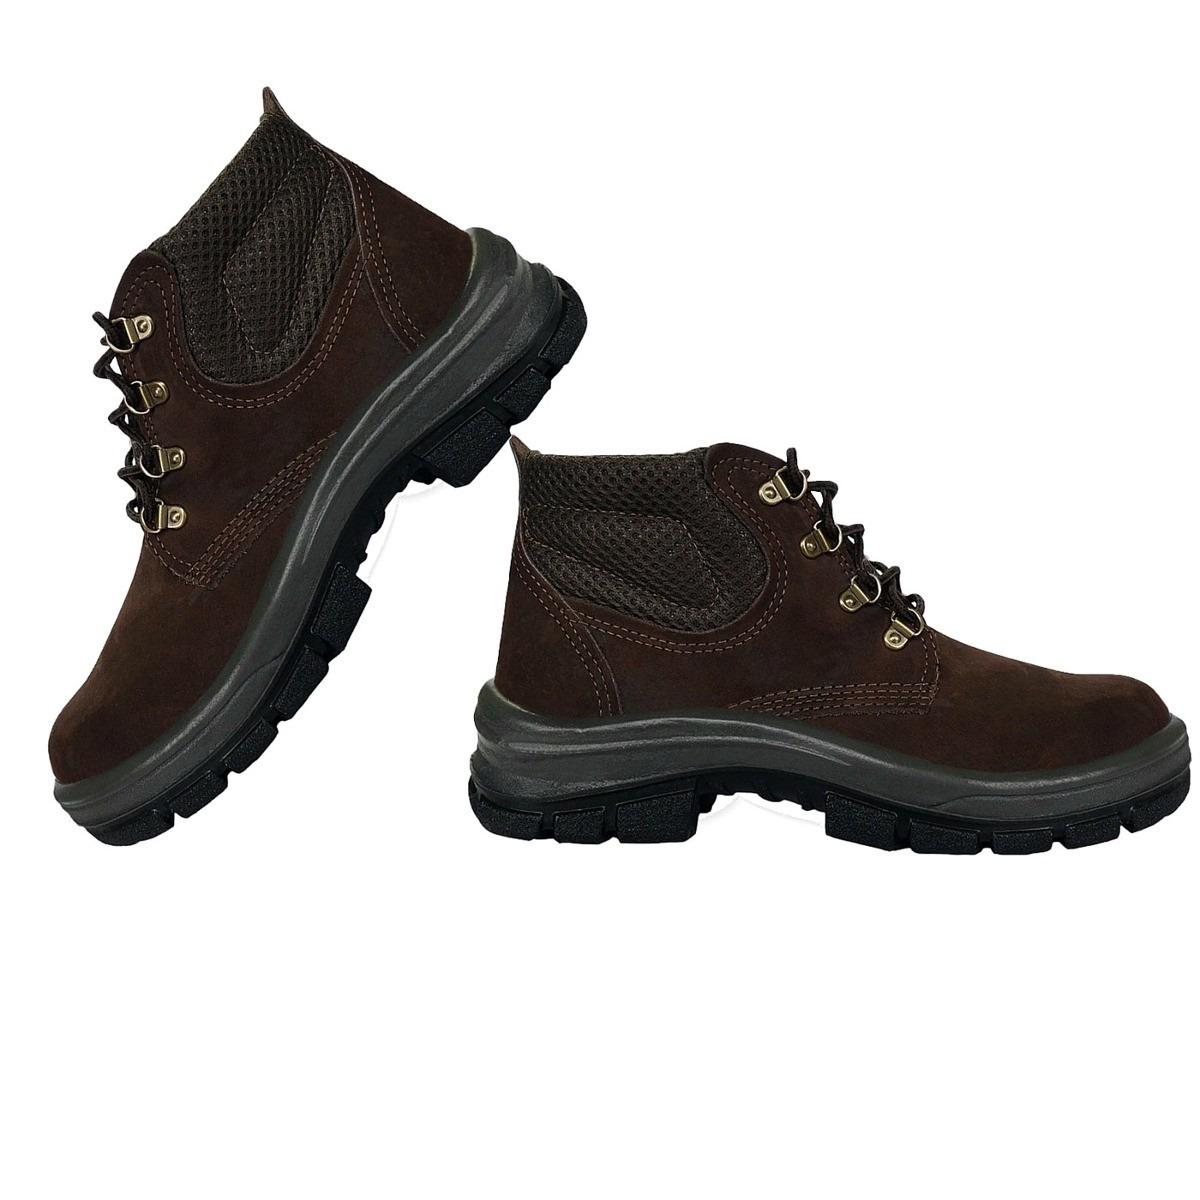 botina bota segurança couro nobuck marrom s bico plastico. Carregando zoom. ad7ced396a